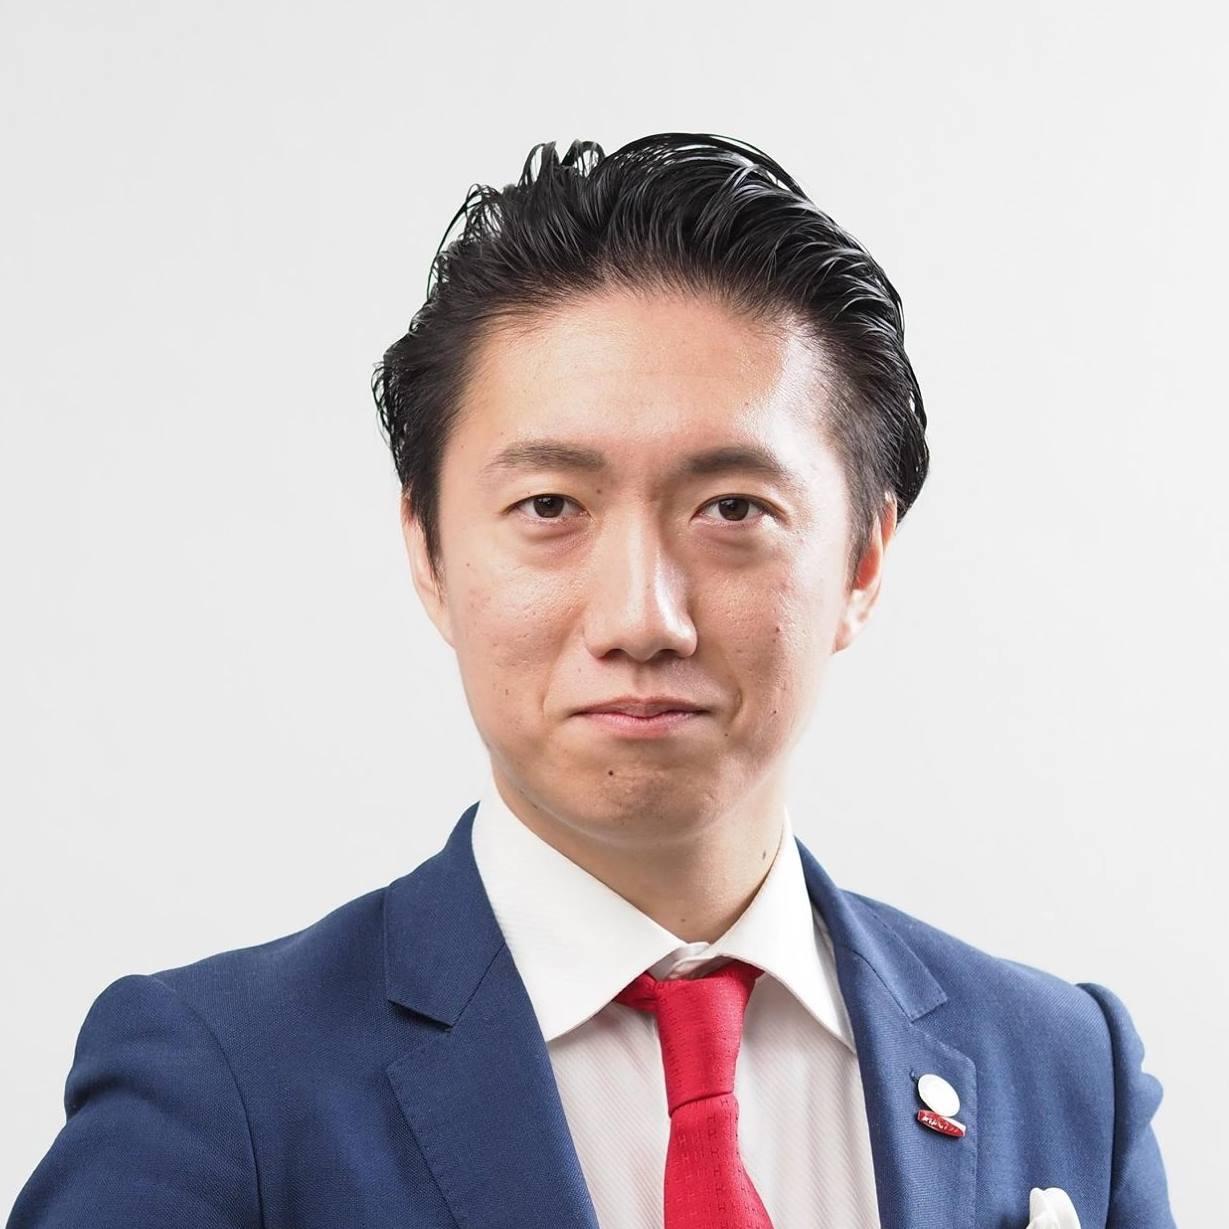 株式会社jinrikisha 代表取締役社長 三澤 貴紀